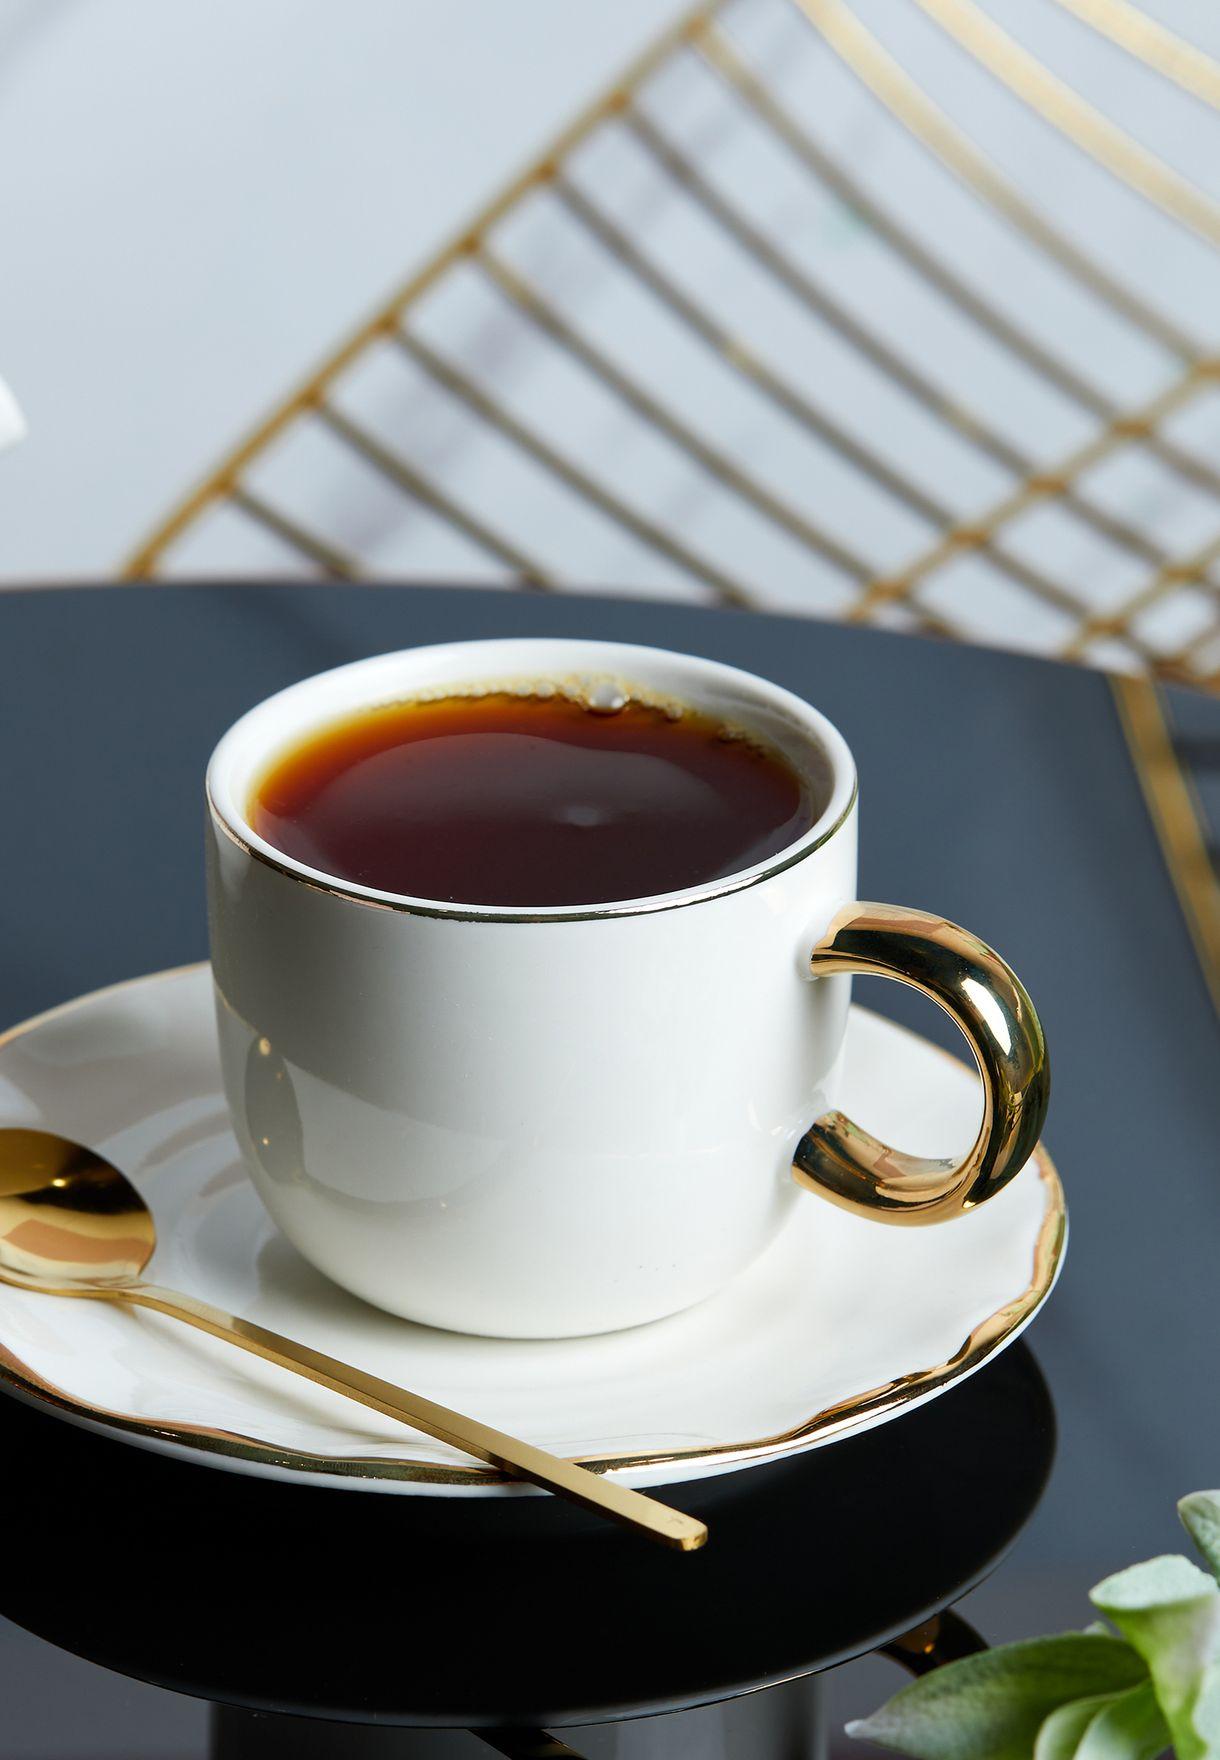 طقم كوب شاي وصحن وملعقة